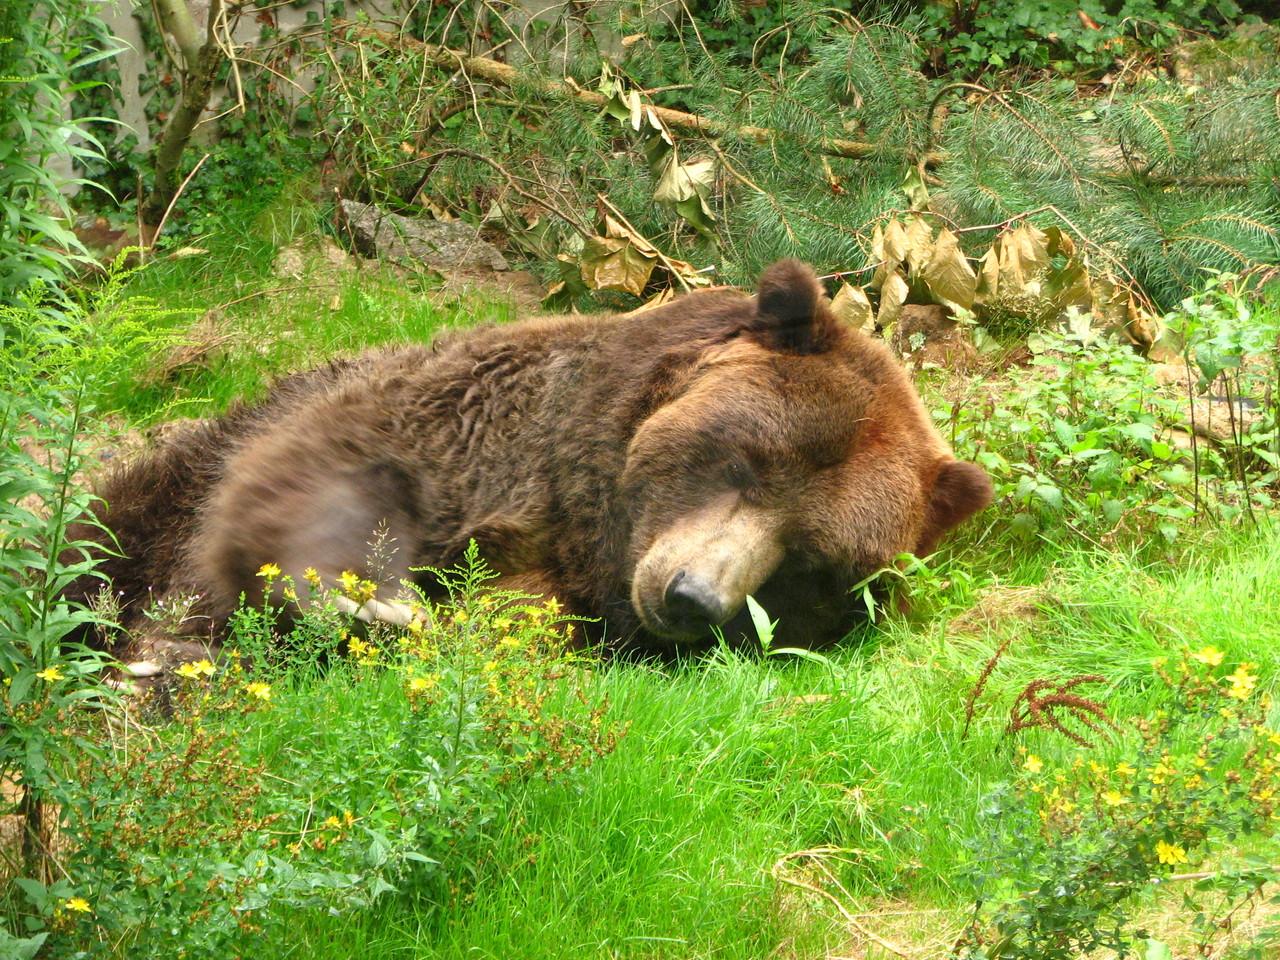 Lag der Bär voriges Jahr nicht auch schon da?